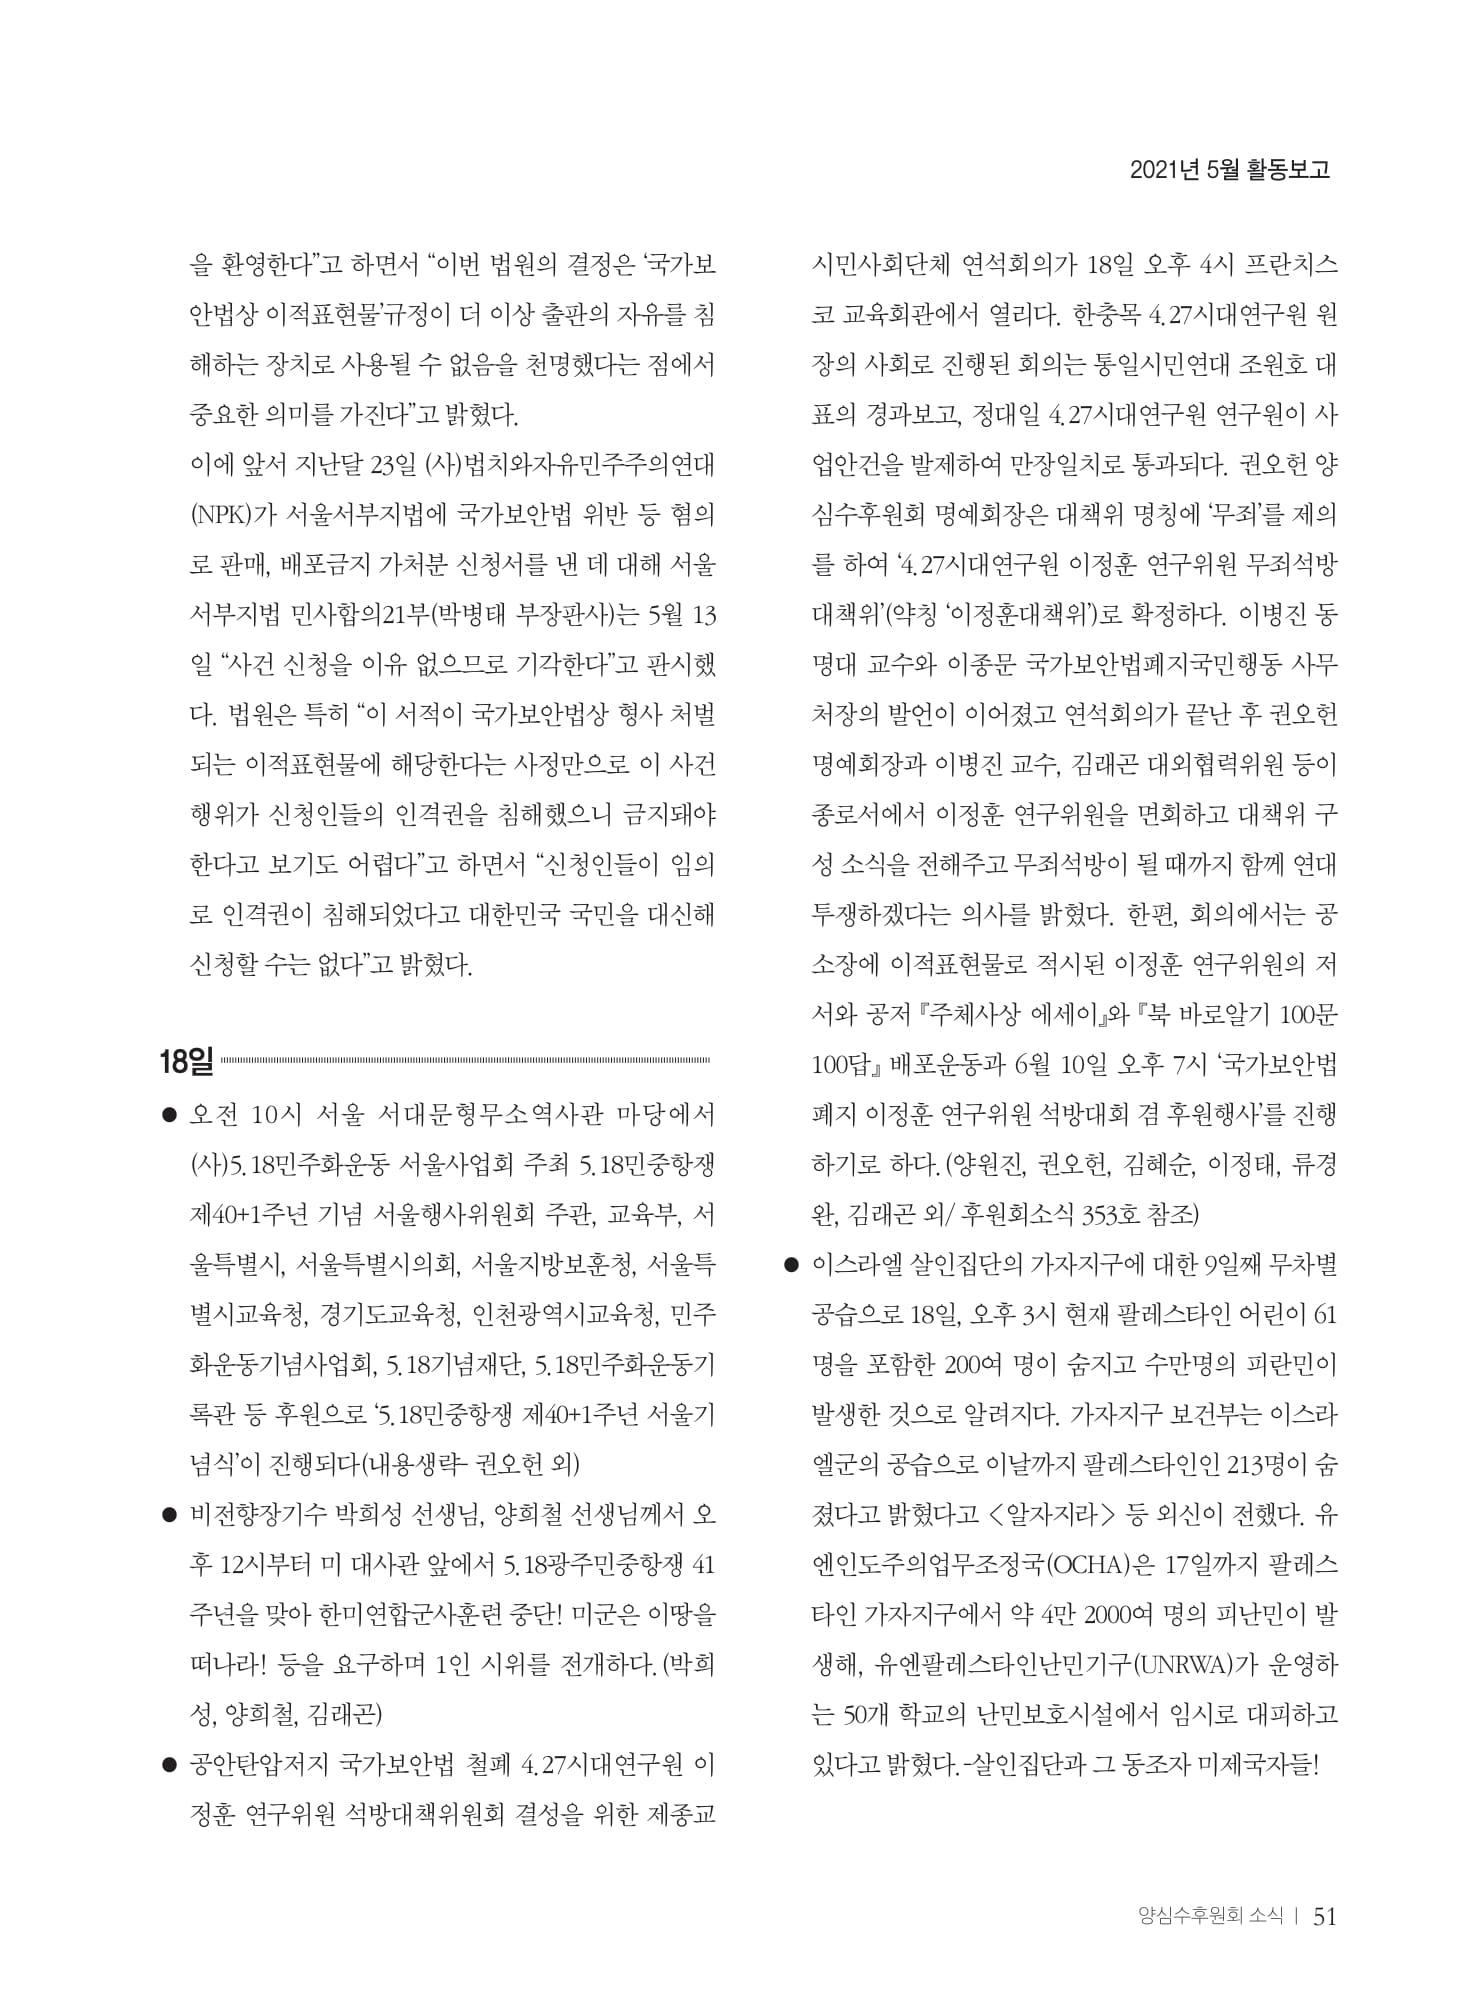 [양심수후원회] 소식지 354호 web 수정-53.jpg